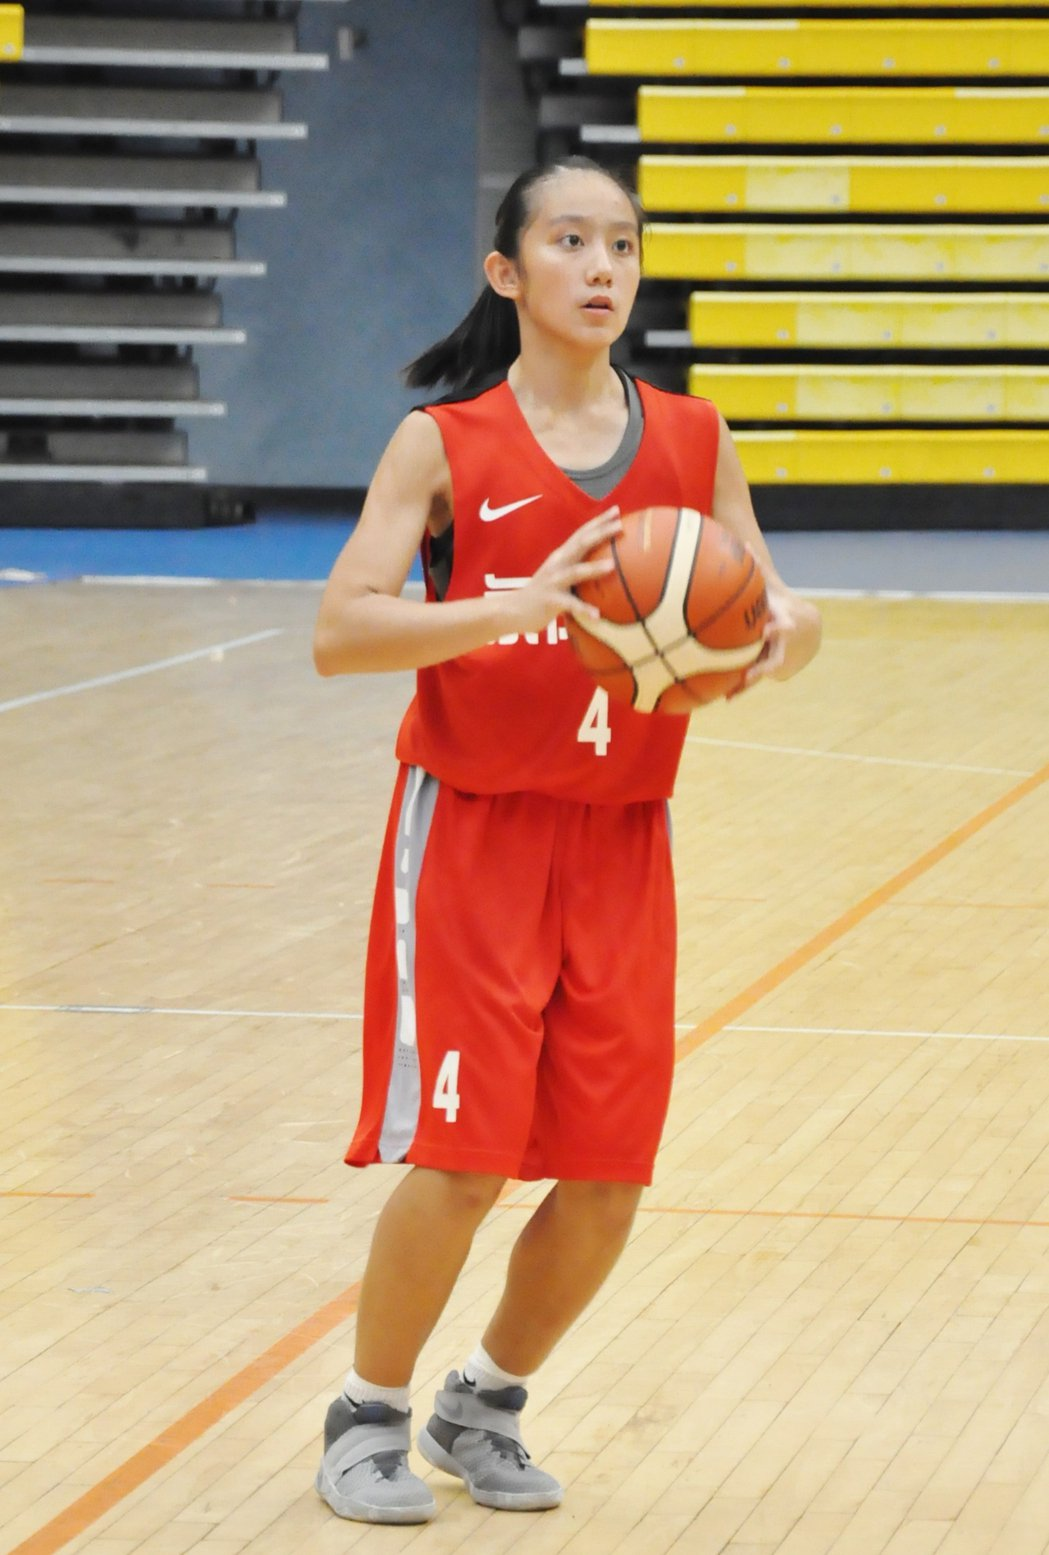 永仁高中菜鳥楊芷昀正規賽投進追平的壓哨三分球。 記者曾思儒/攝影